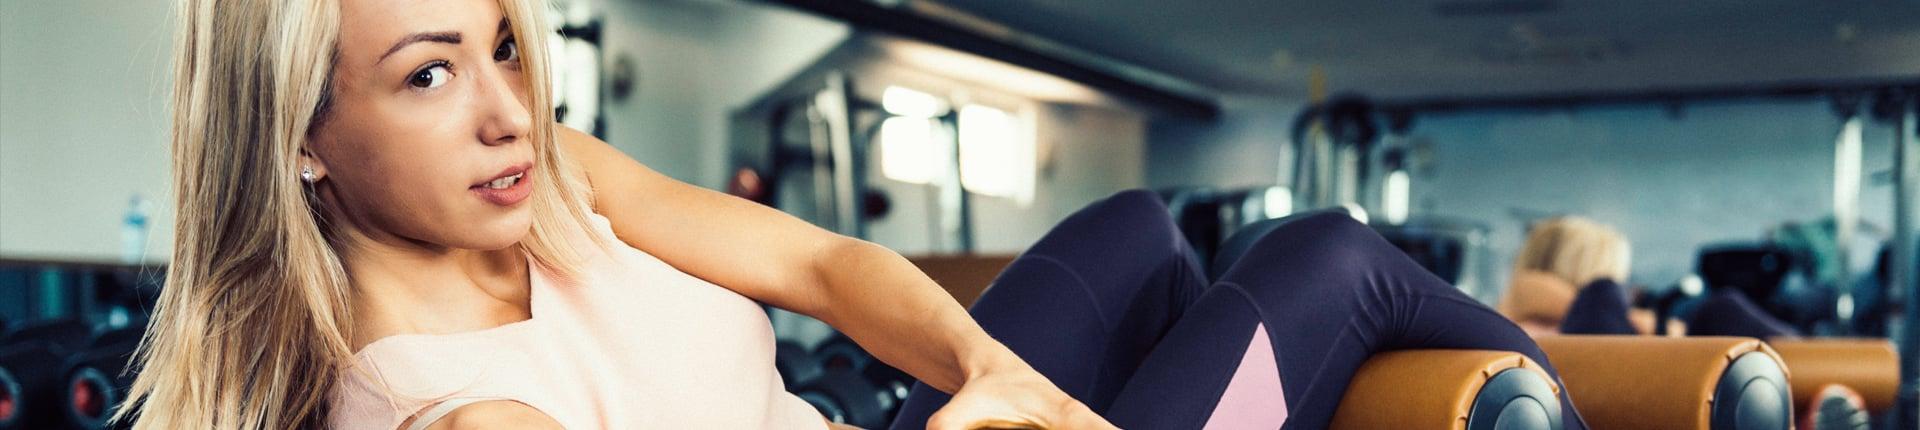 Czy pora treningu brzucha ma wpływ na stabilizację kręgosłupa?